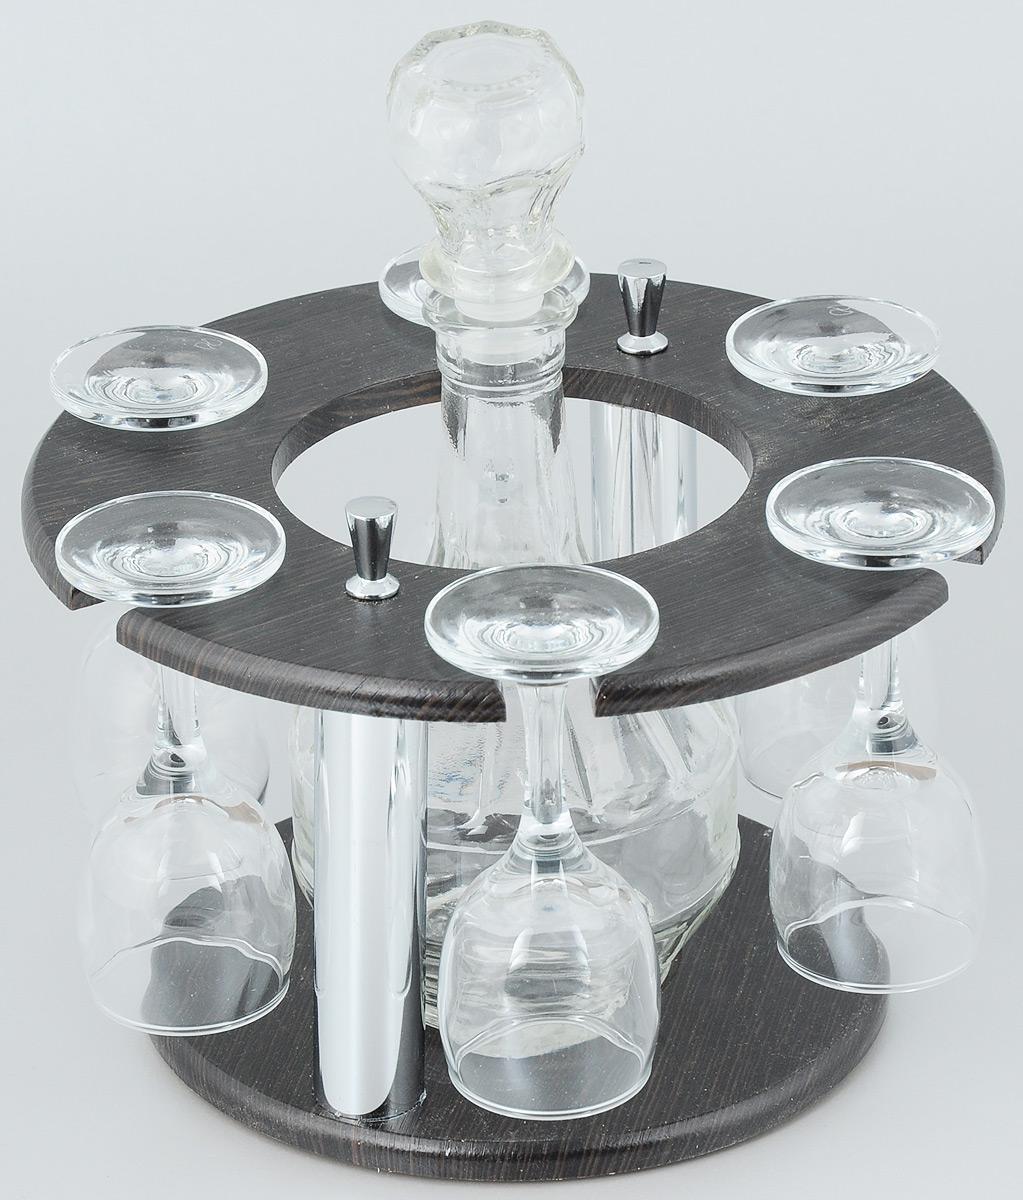 Набор рюмок Мусатов Кольцо, с графином, 8 предметов05-110Набор Мусатов Кольцо состоит из 6 рюмок, графина и деревянной подставки. Рюмки и графин изготовлены из высококачественного натрий-кальций-силикатного стекла. Такой набор прекрасно дополнит праздничный стол и станет желанным подарком в любом доме. Рюмки и графин разрешается мыть в посудомоечной машине. Диаметр рюмки: 4,3 см. Высота рюмки: 11 см. Диаметр основания: 5 см. Диаметр графина (по верхнему краю): 2 см. Высота графина: 17 см. Диаметр подставки: 22 см. Высота подставки: 13 см. Объем графина: 500 мл. Объем рюмки: 134 мл.